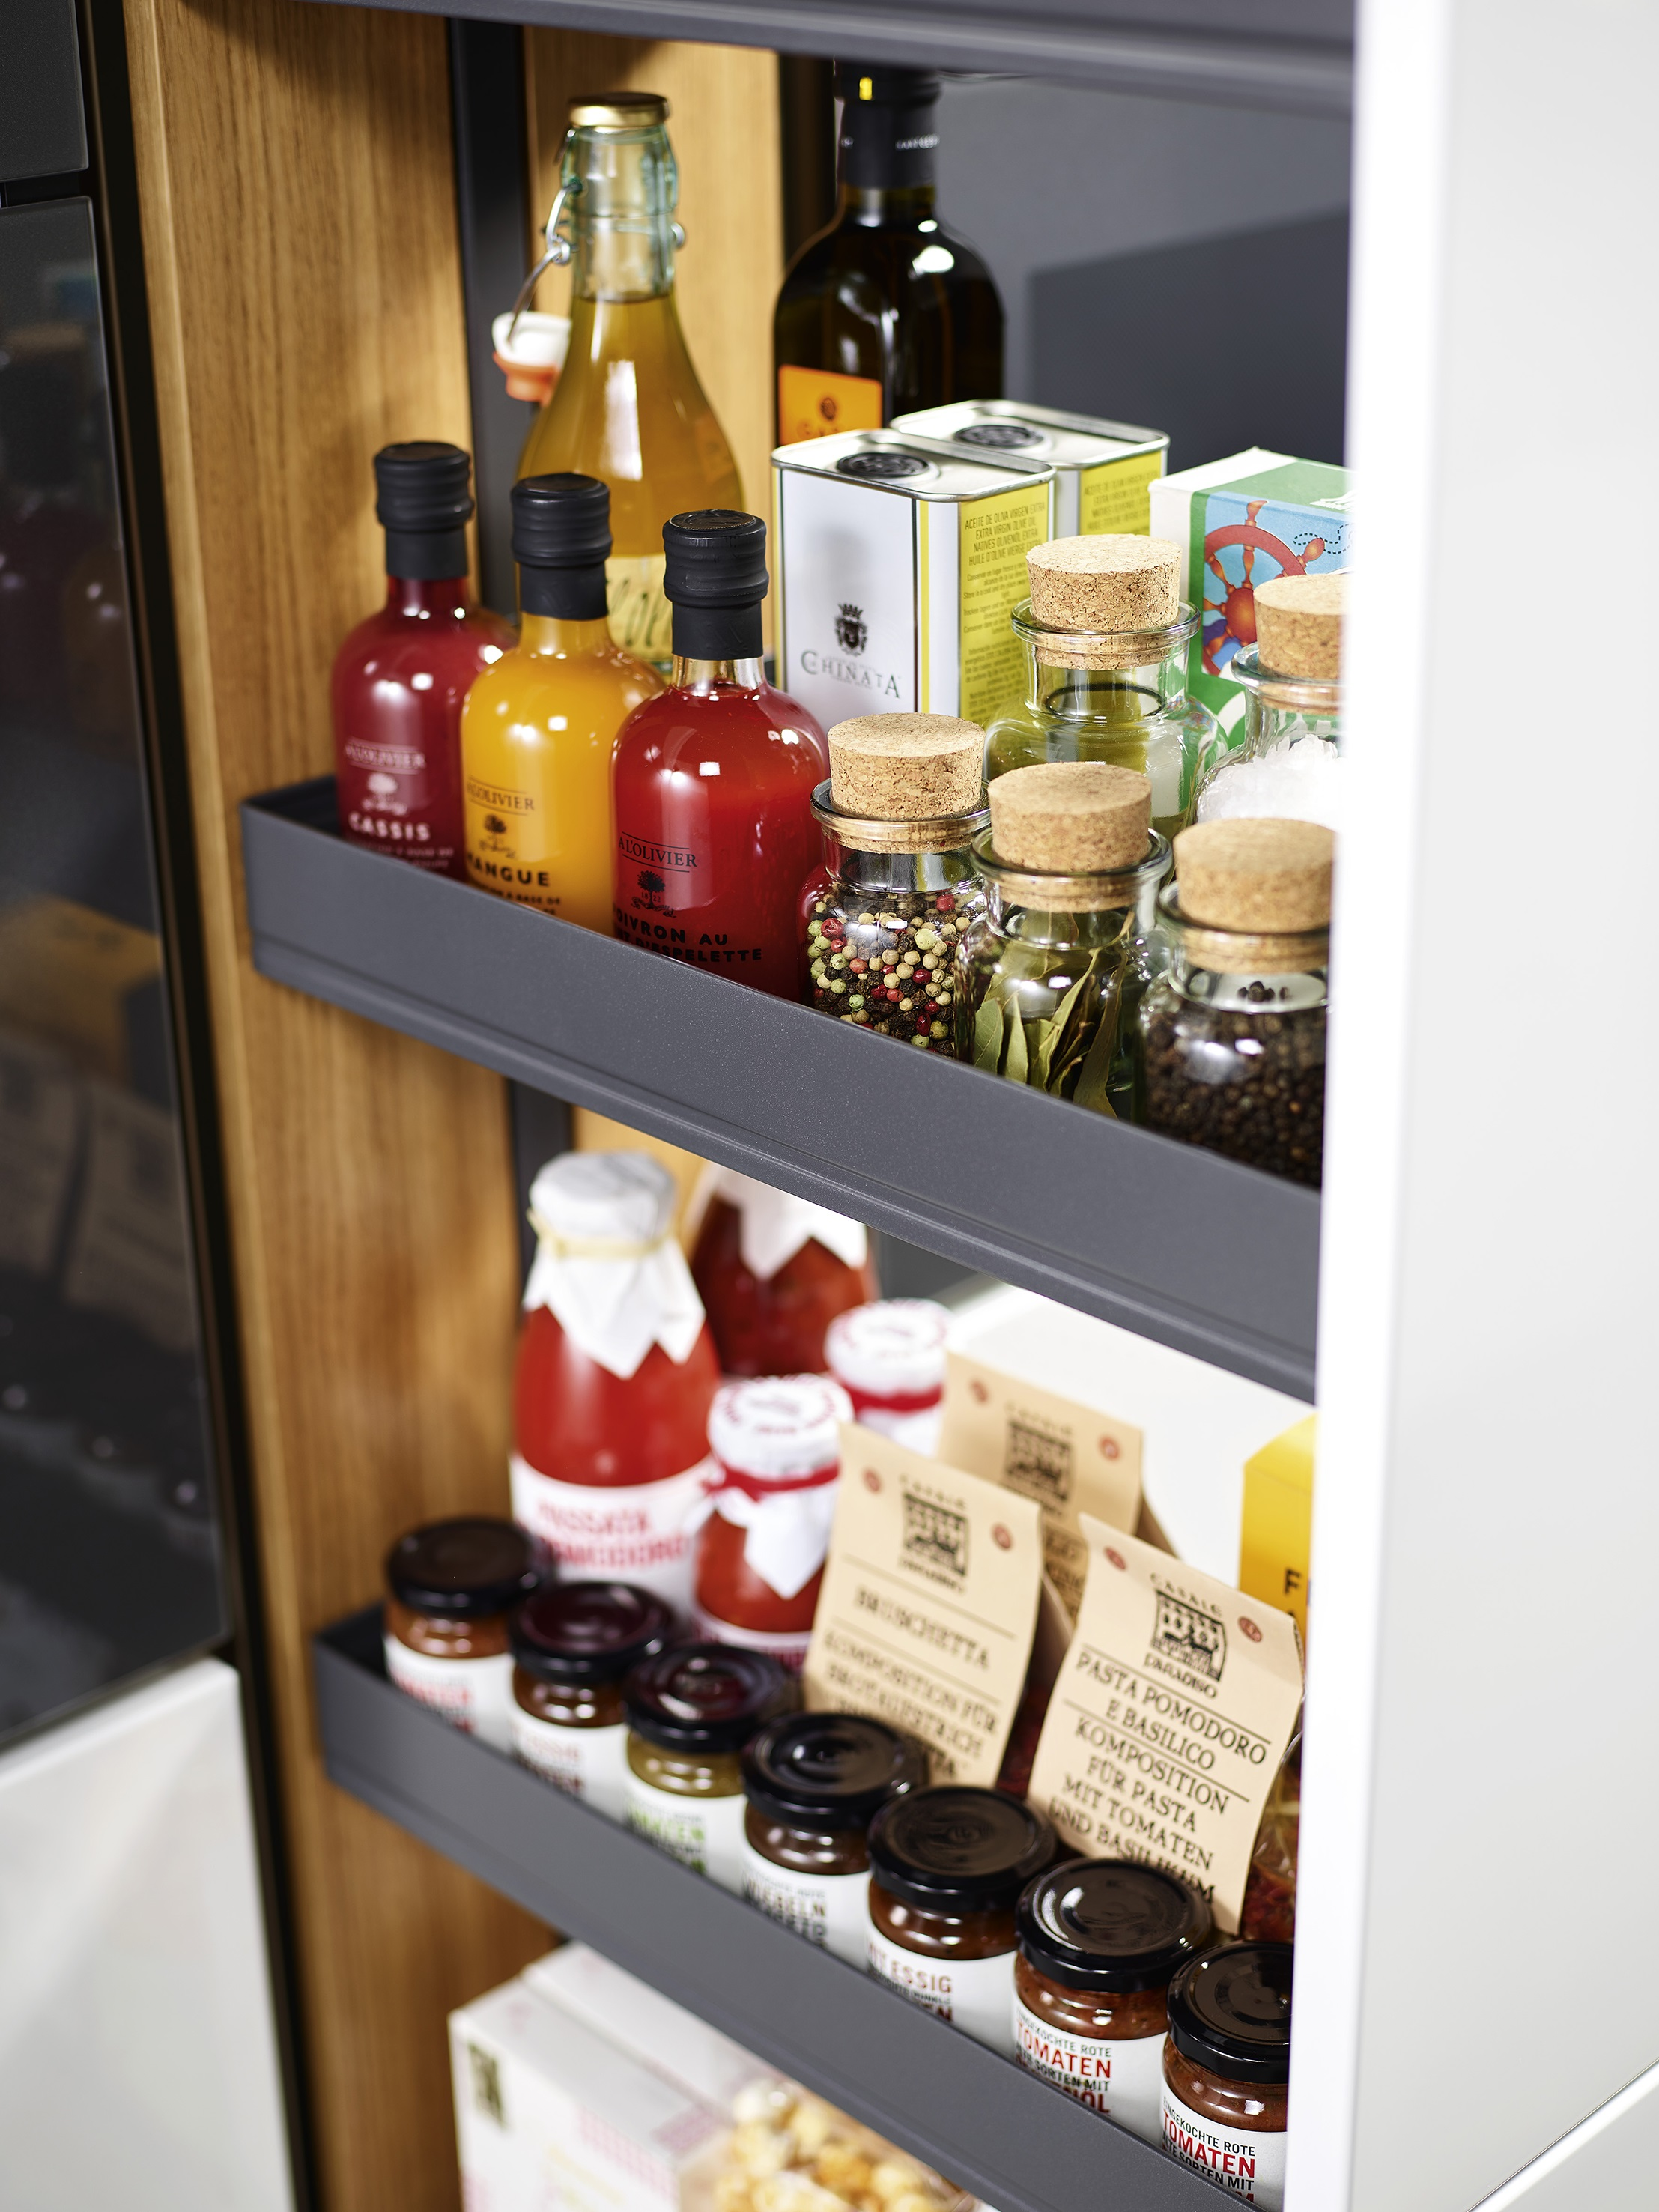 Inspirant kessebohmer accessoires de cuisine pkt6 for Accessoirs de cuisine